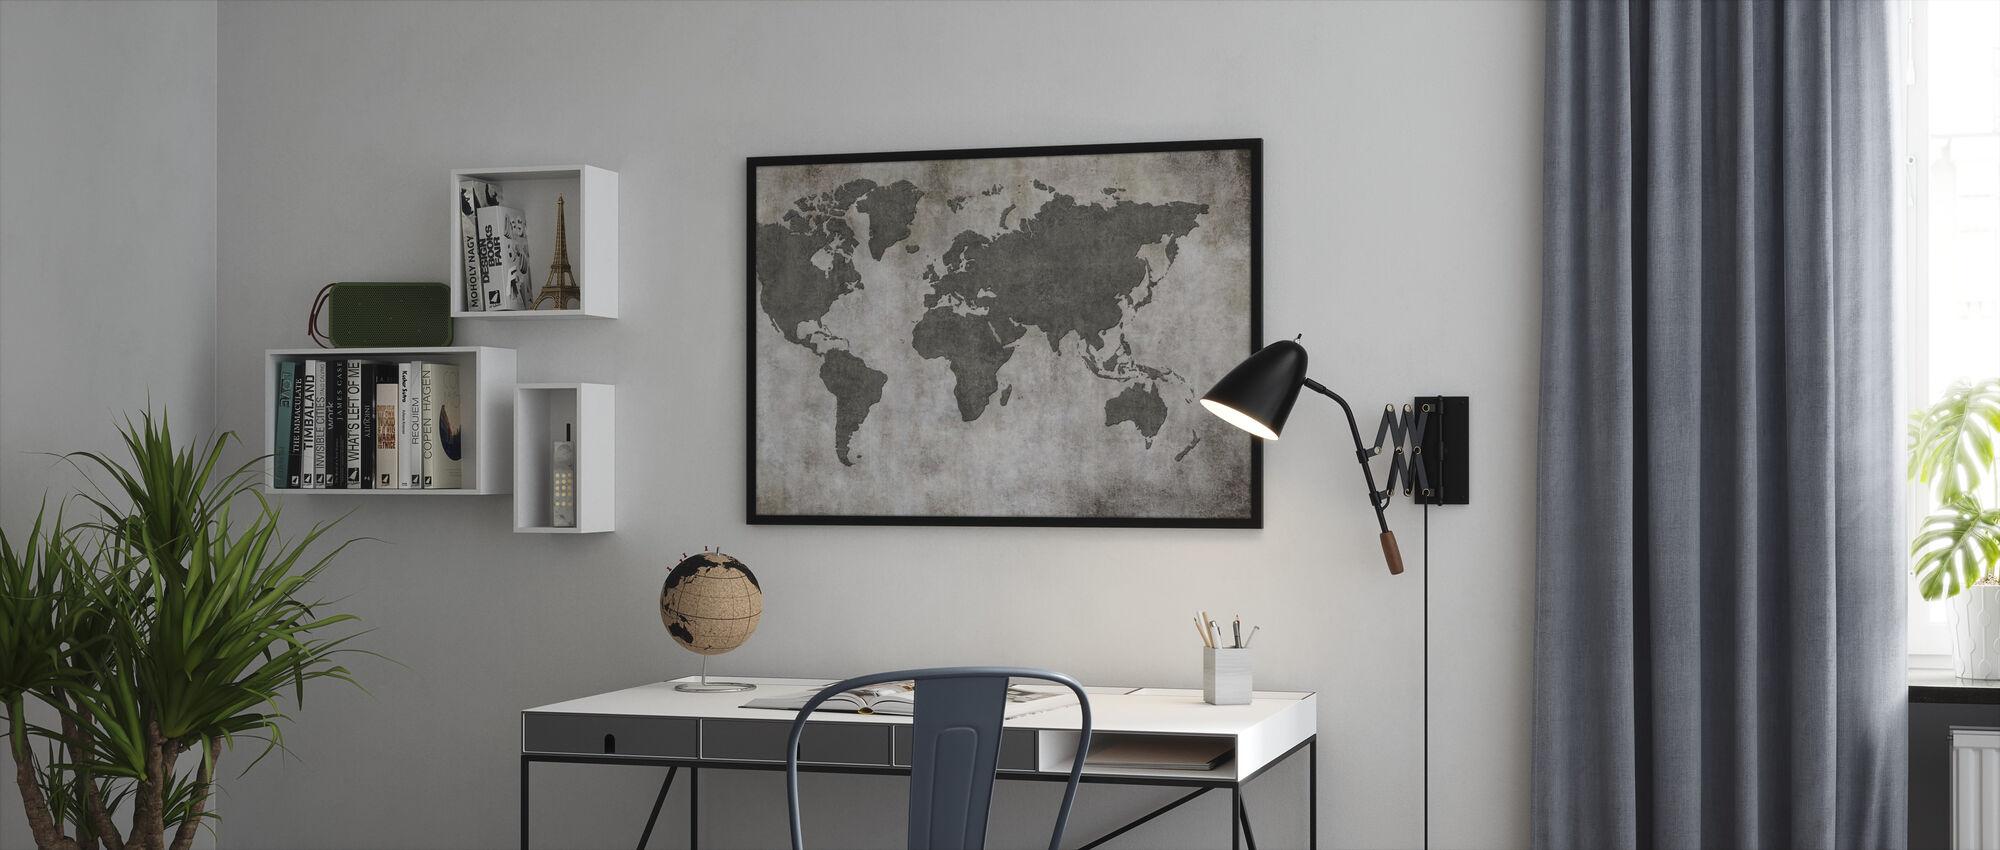 Frynsete Wall World Map - Innrammet bilde - Kontor